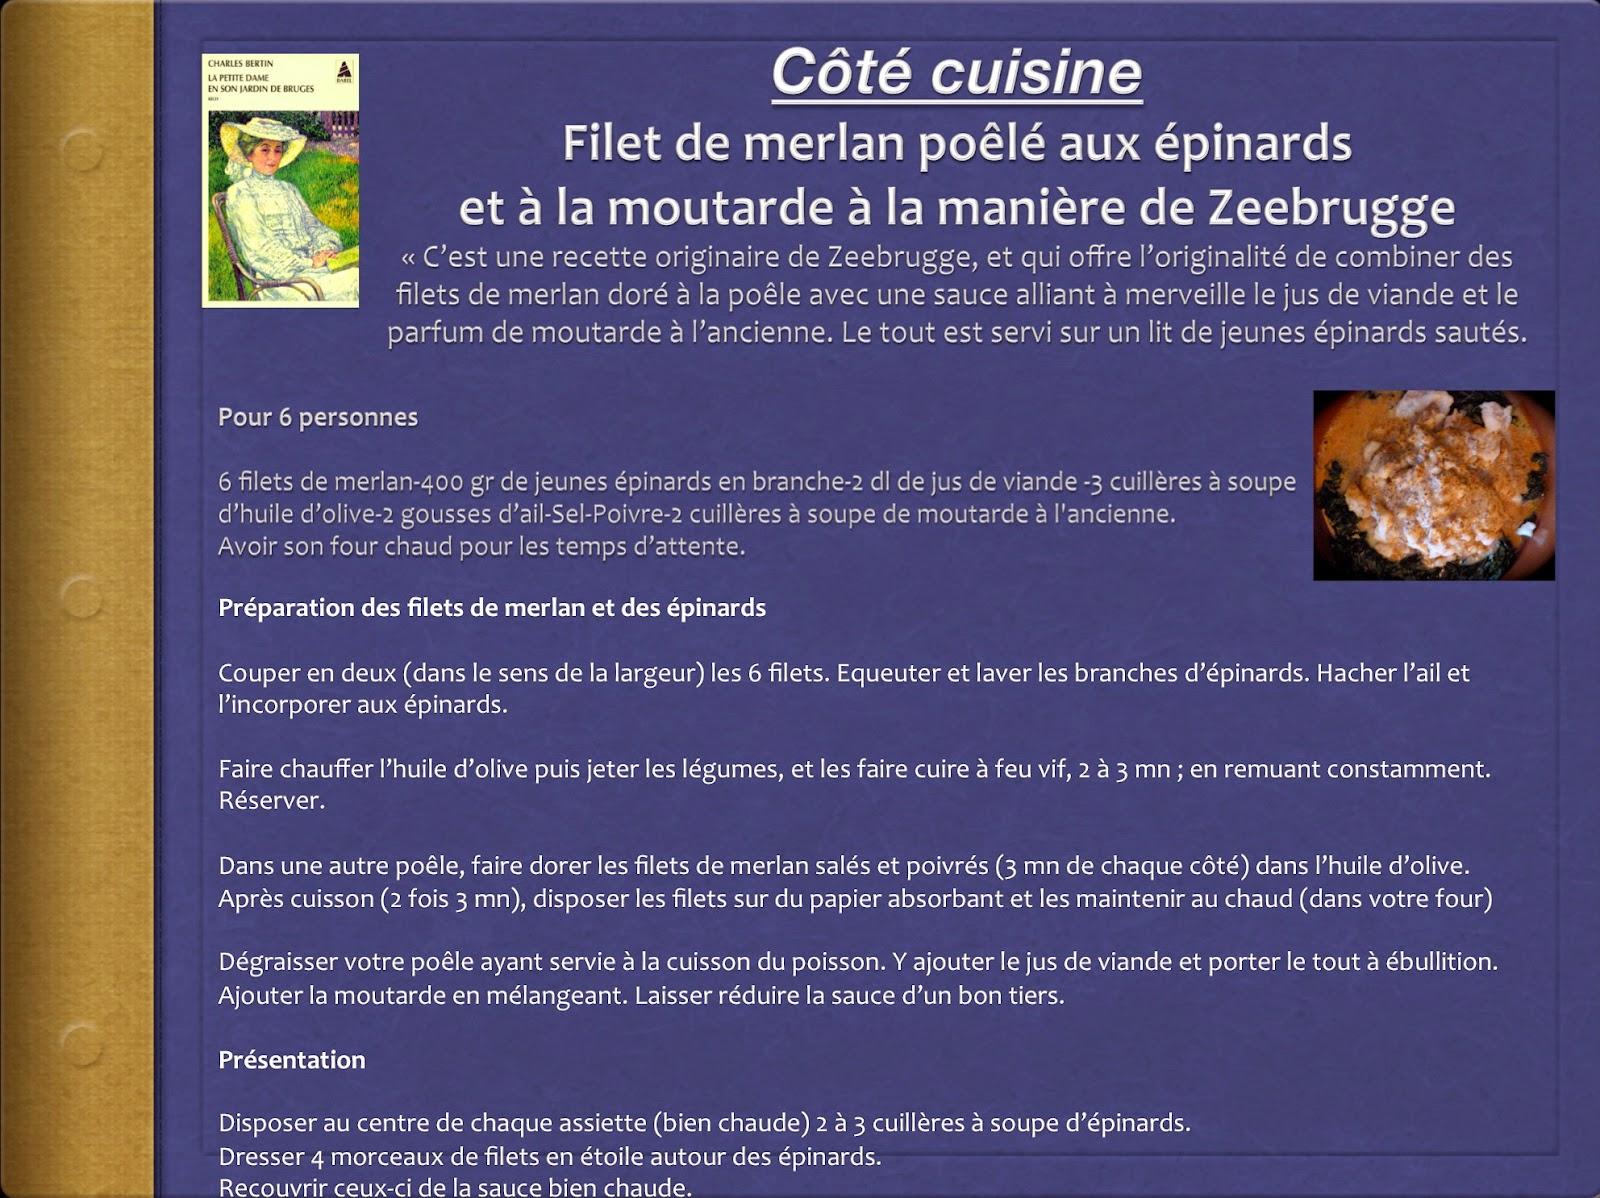 Latelier De Pascaline Tartine Avec Beaucoup De Poésie Et